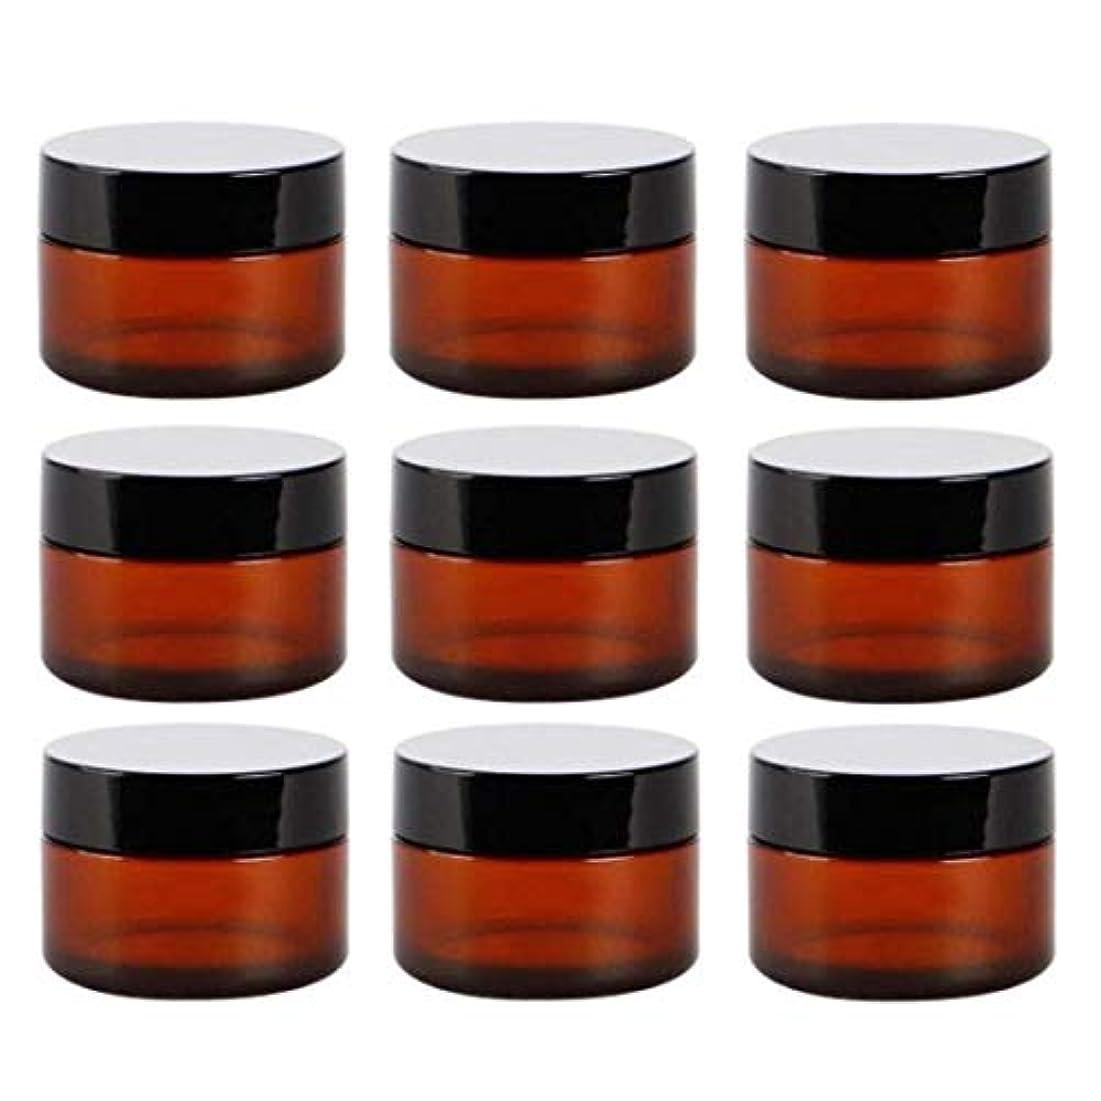 学習者東方人口アロマオイル 精油 香水やアロマの保存 小分け用 遮光瓶 詰替え ガラス製 9本セット茶色10g